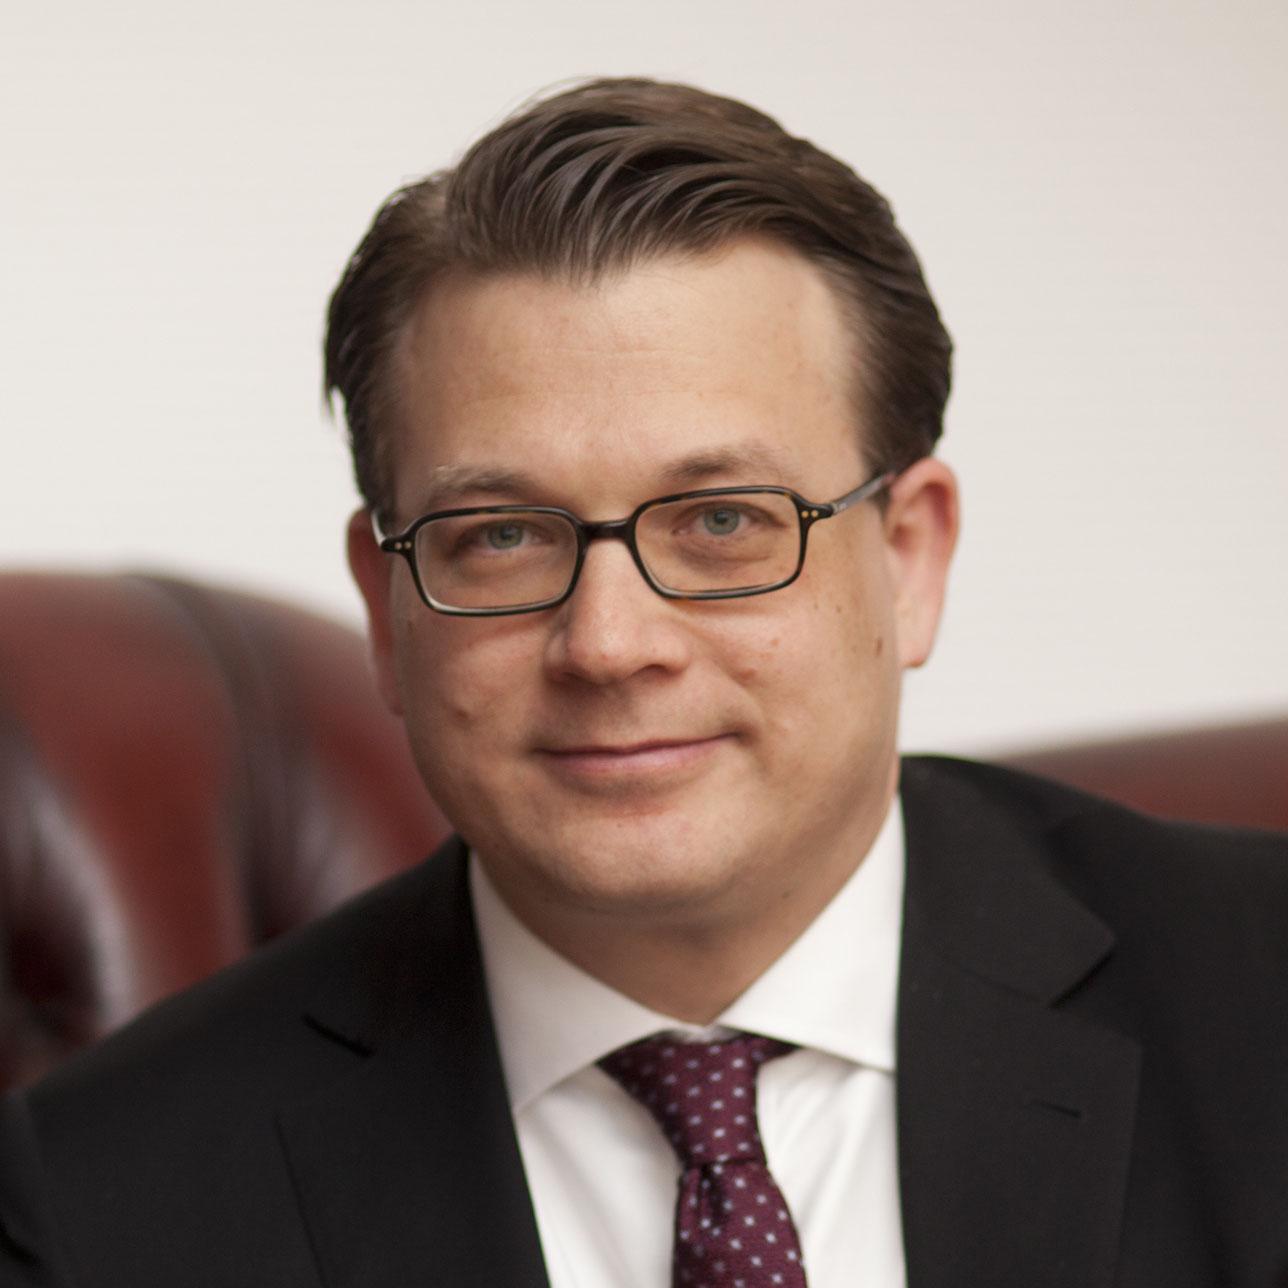 Boris Kühne